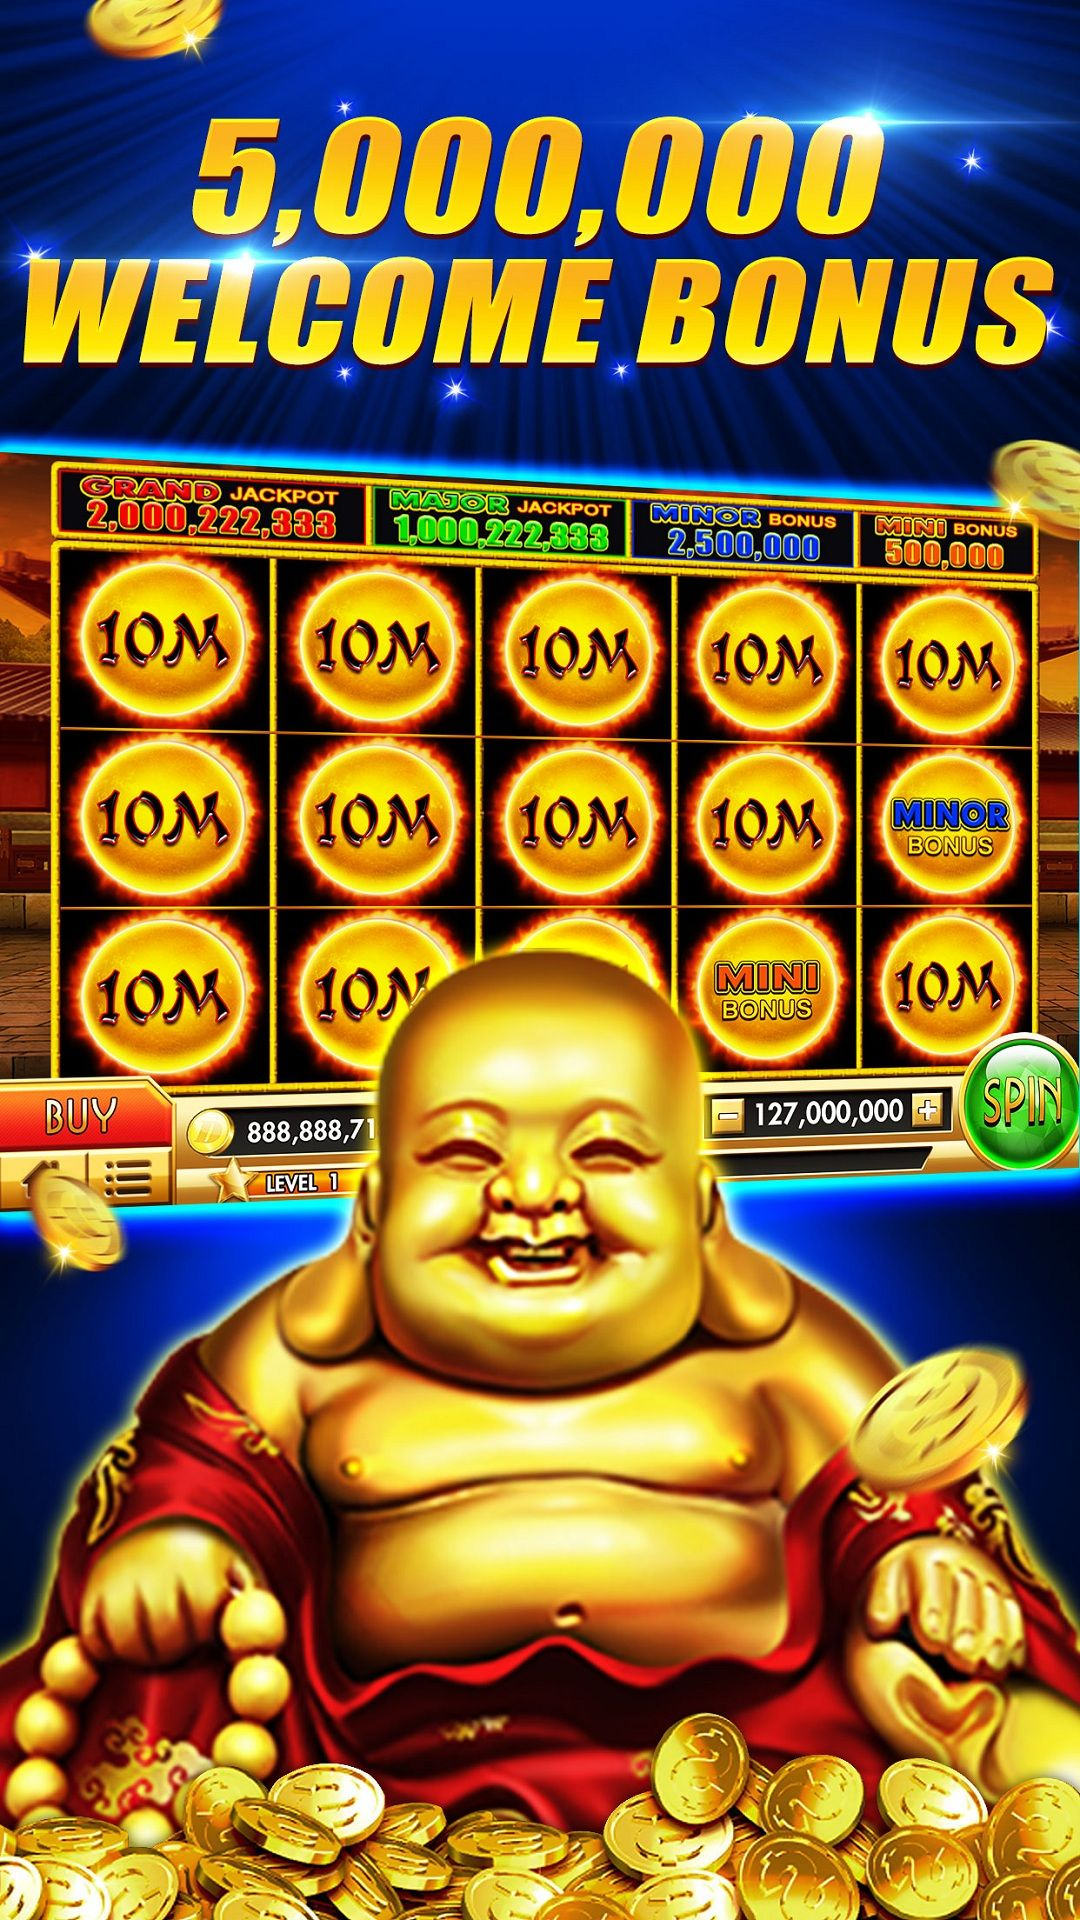 ボーナスオンラインカジノルーレットポーカースロットマシンはモバイルカジノをプレイします Online Casino Bonus Casino Bonus Casino